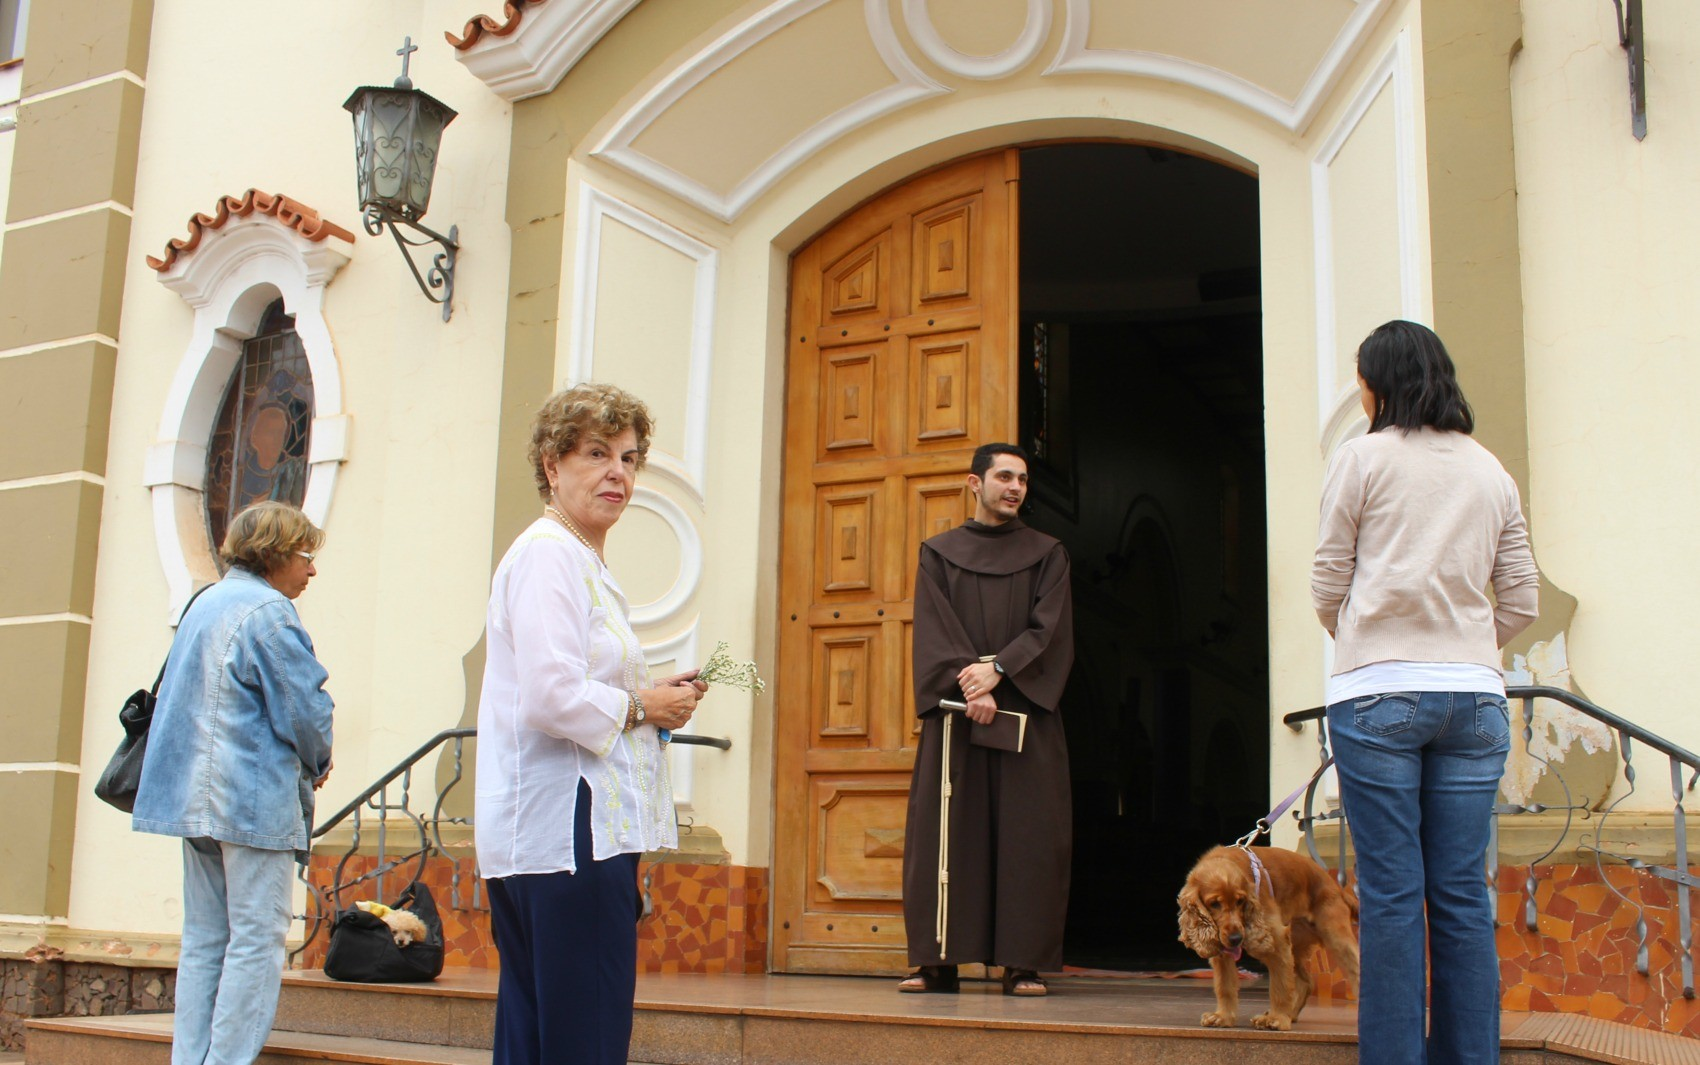 Decisão do TJ-MS libera retomada das atividades em igrejas em Campo Grande